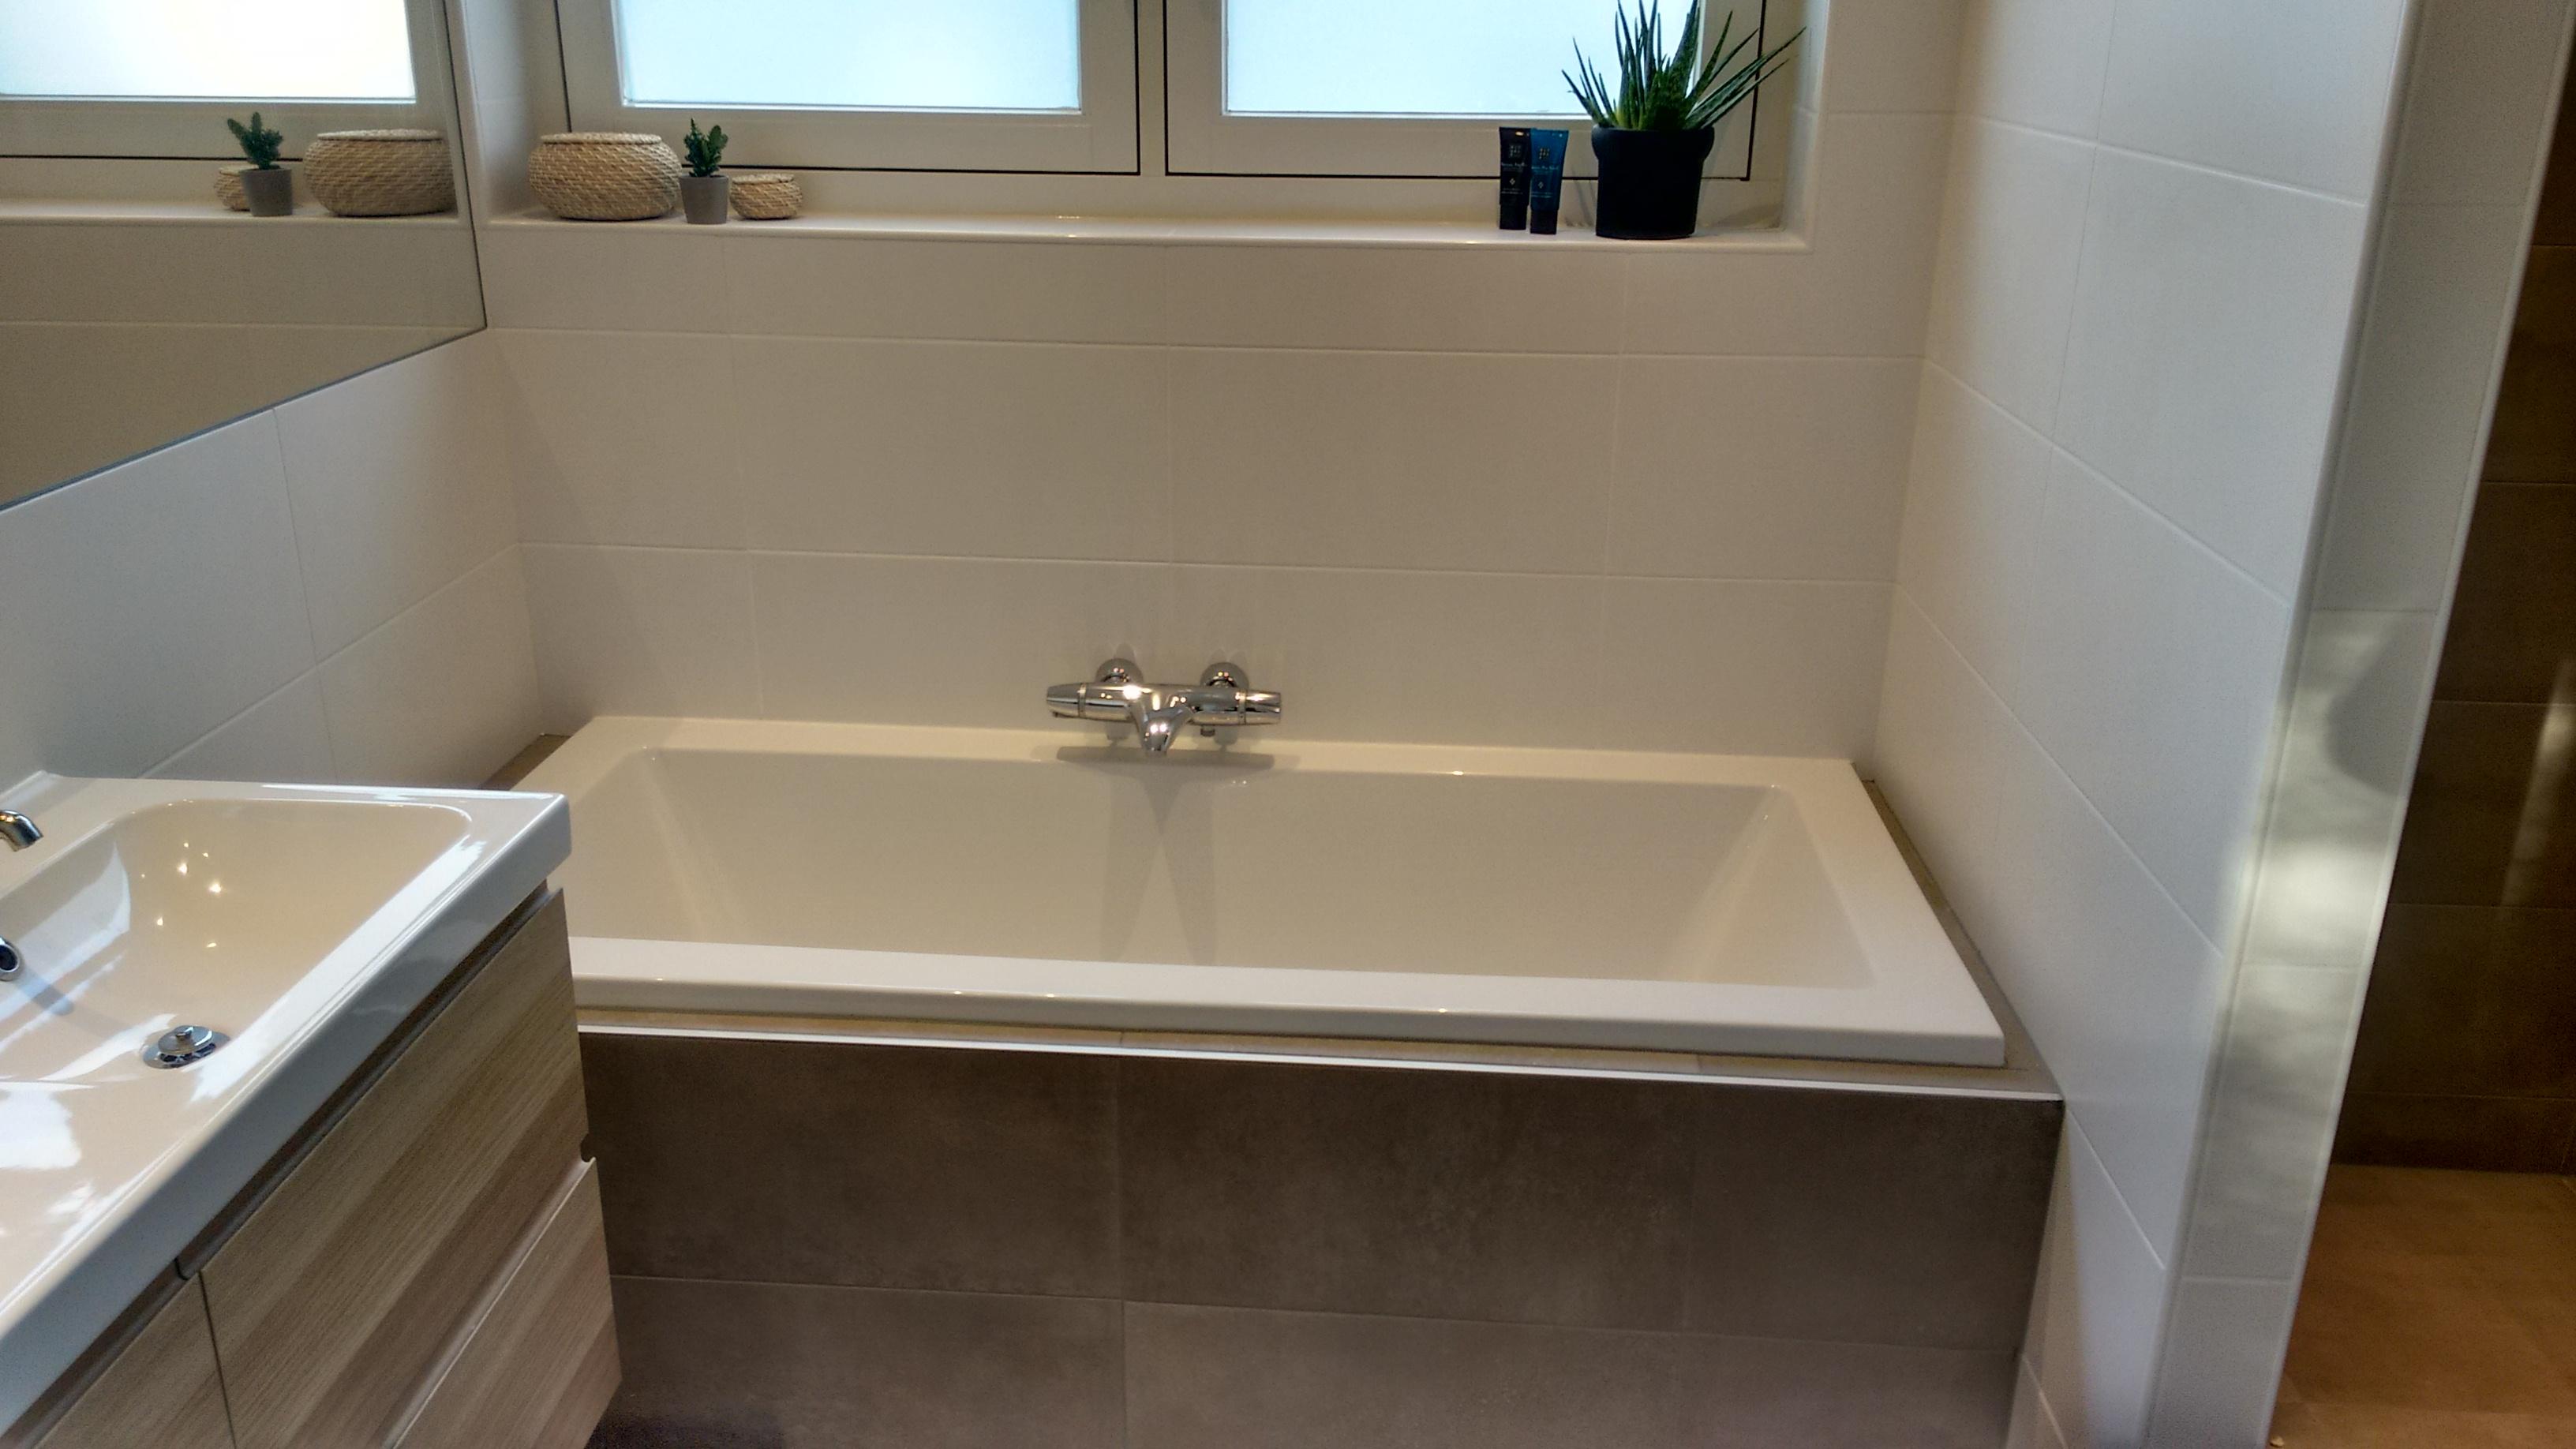 Badkamer Nieuw Betegelen : Badkamer plaatsen en betegelen door klussenbedrijf j jongbloed